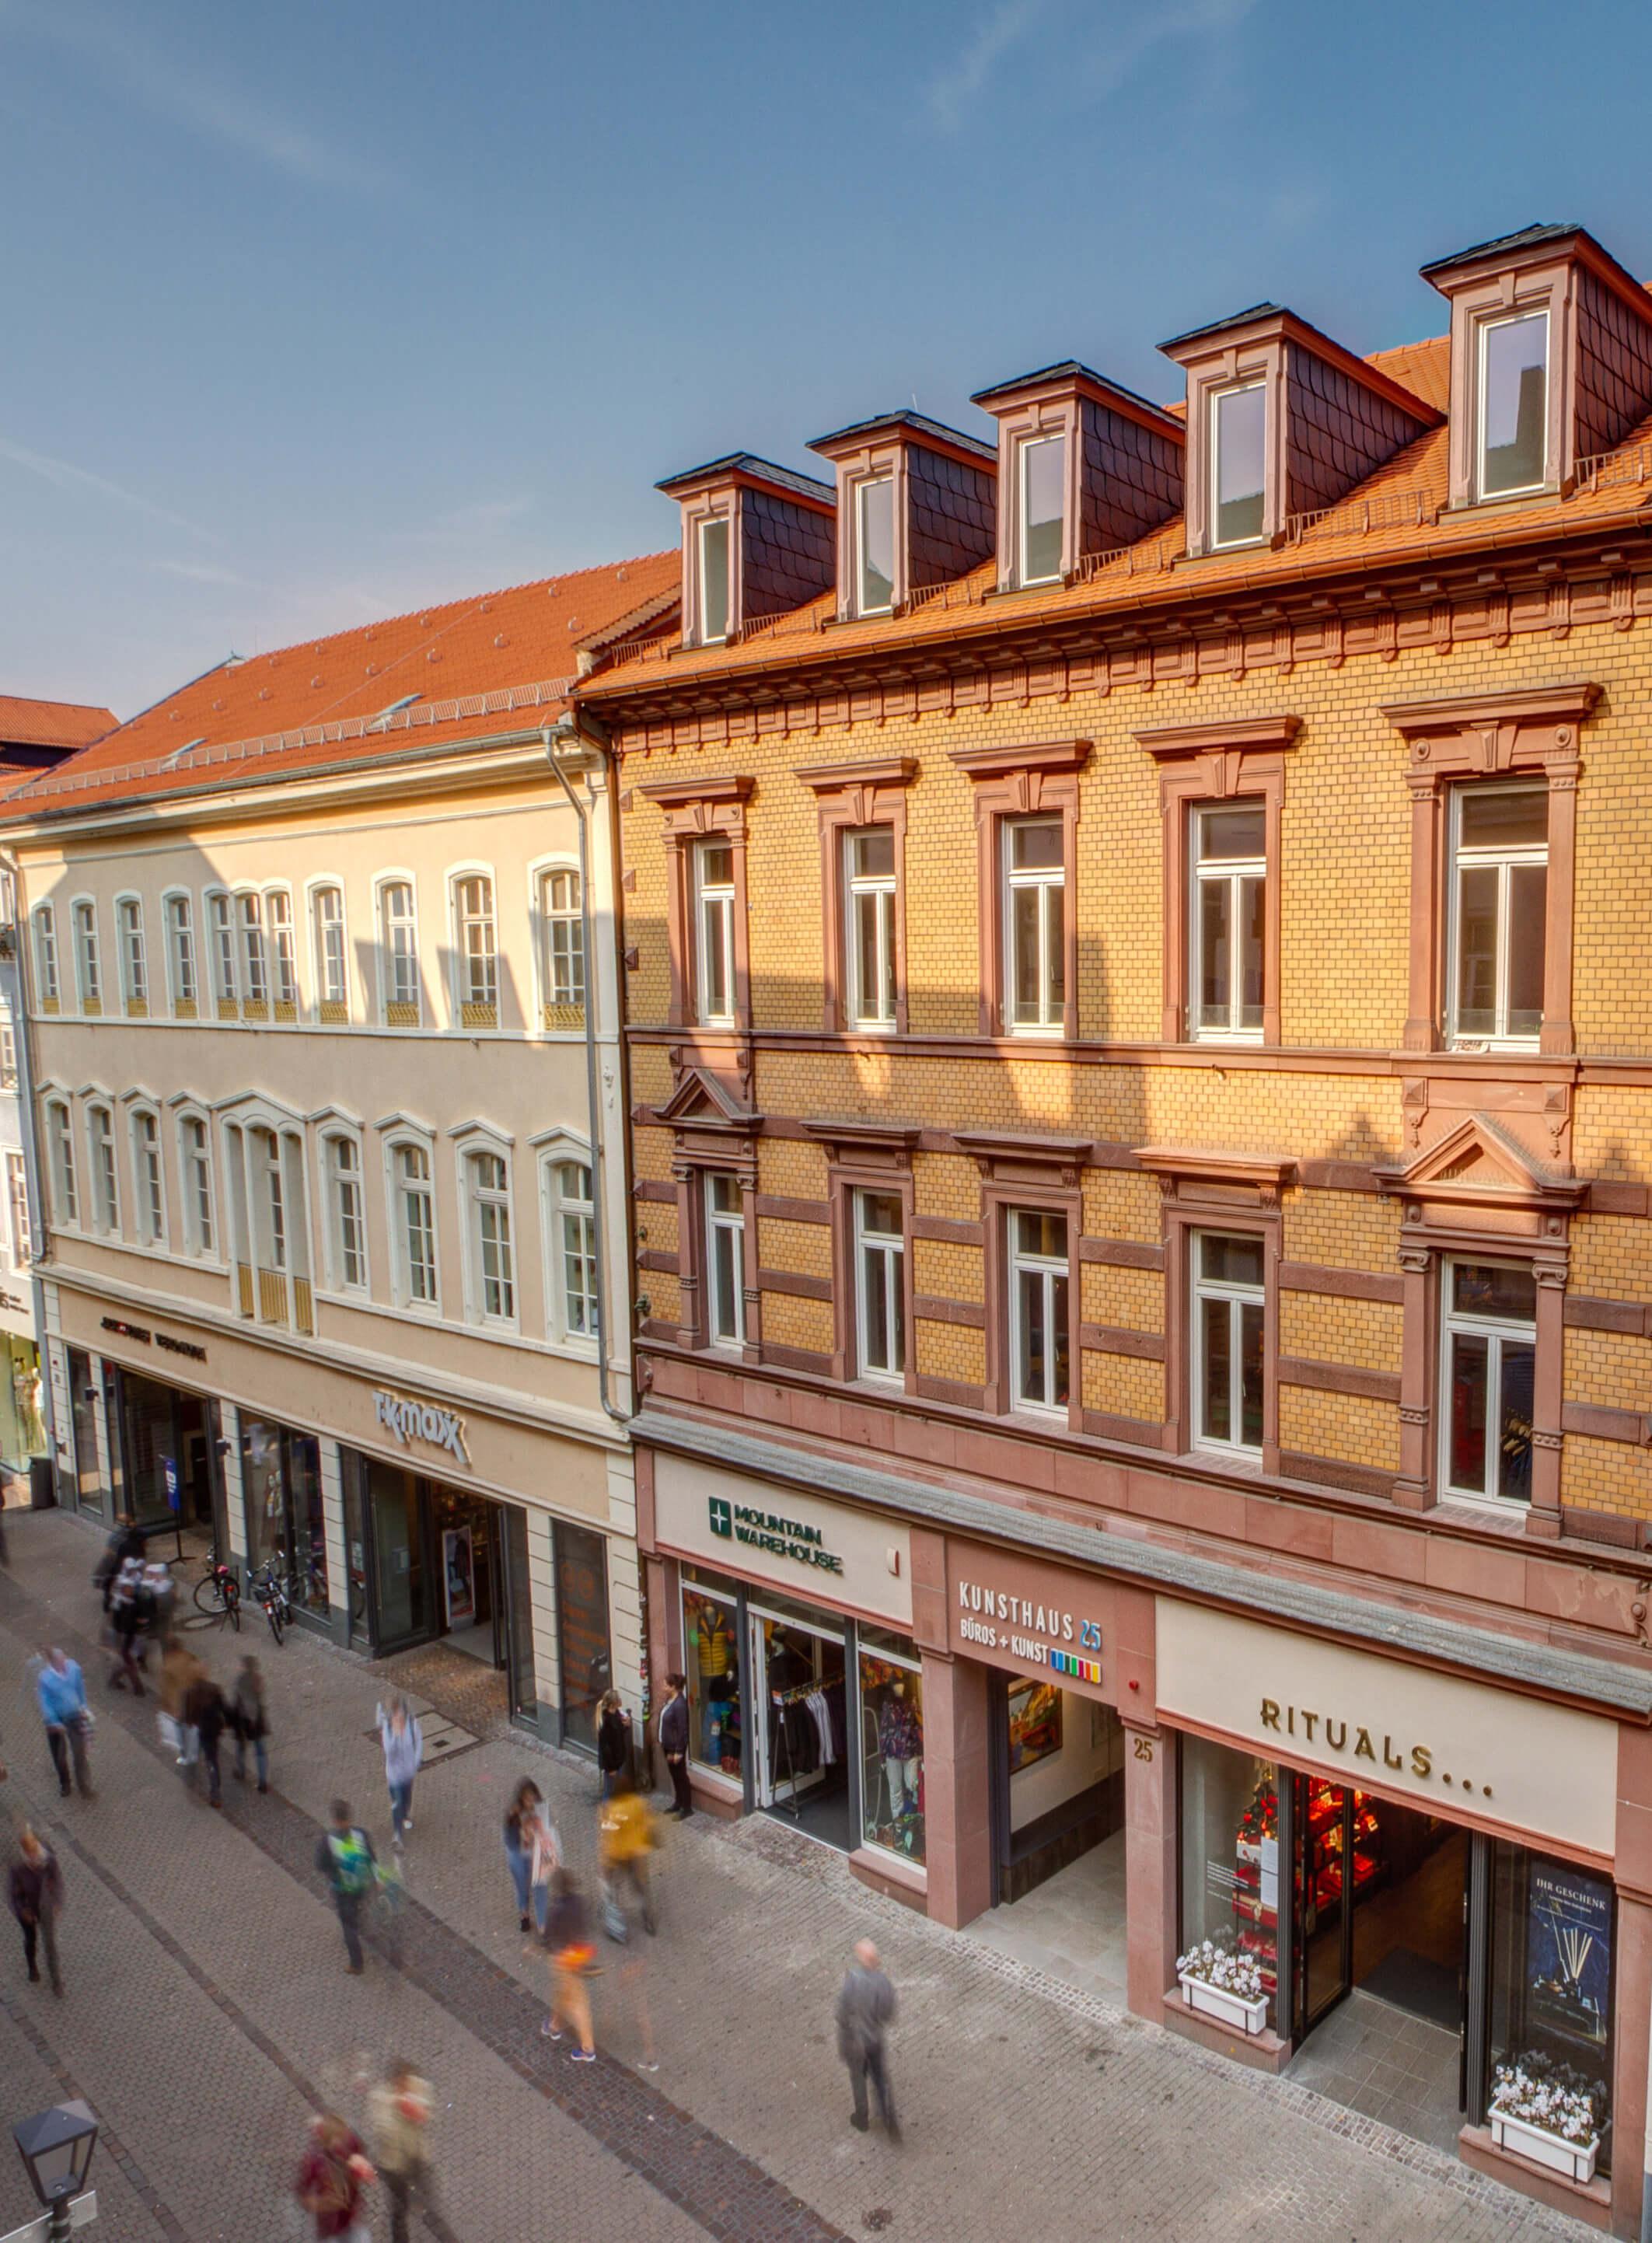 Blick Eingang Kunsthaus 25 von der Hauptstraße 25 in 69117 Heidelberg